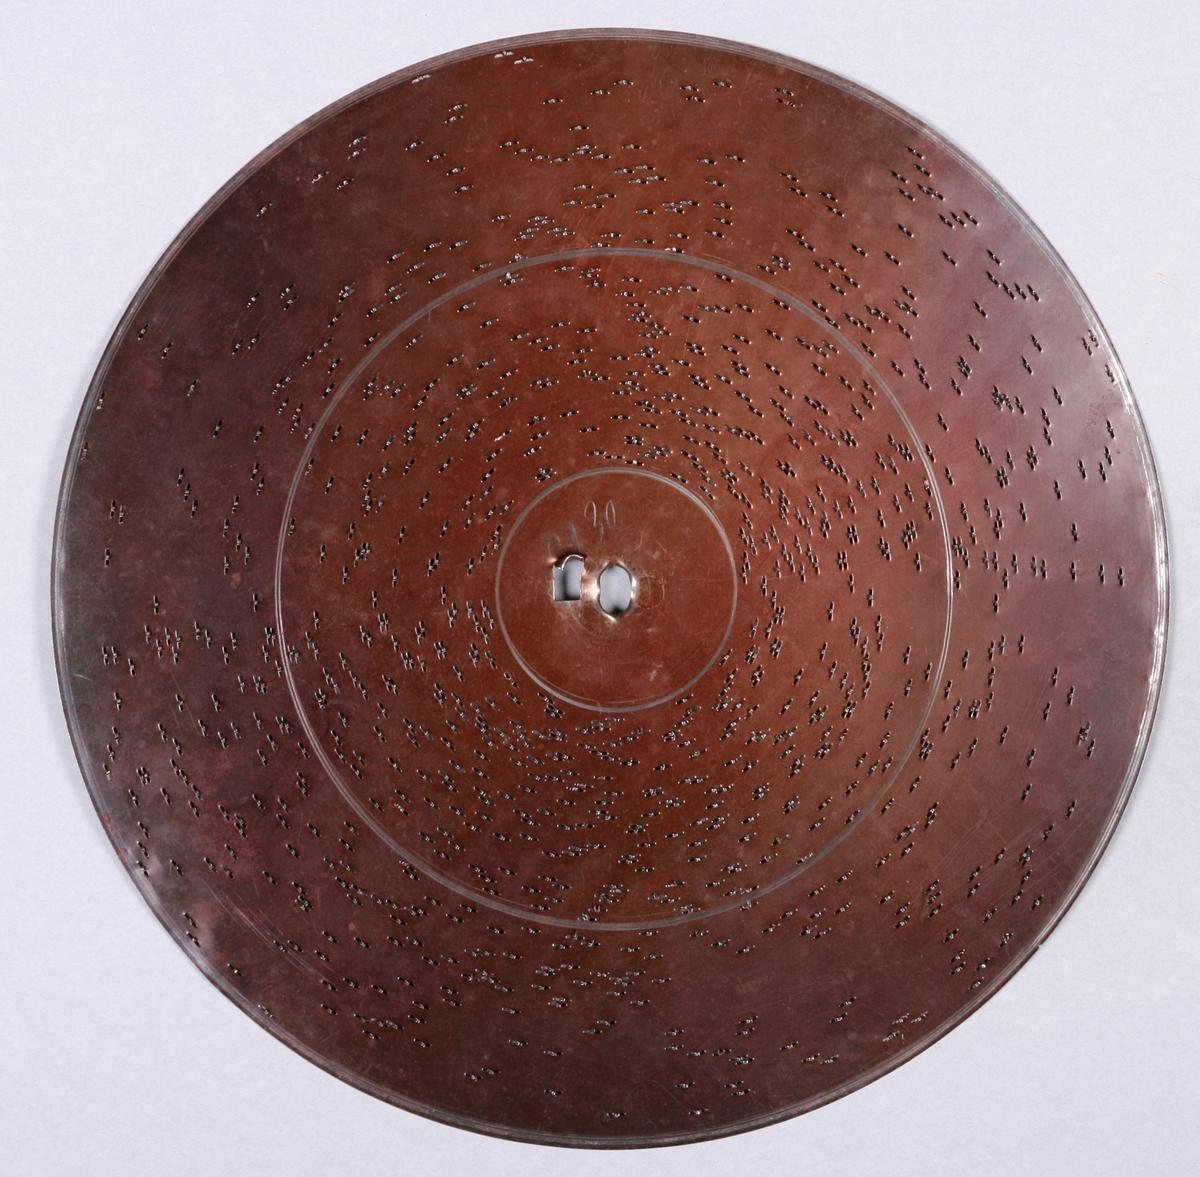 """Perfortert metallplate med pigger på underside. Programmert musikk for platespilledåse. 86-spor, Ø 30 cm. Drivsystem: Sentrumshull med kvadratisk """"satellithull"""" ved siden (7x5 mm).  Sentrumhull, diameter: 8 mm  Avstand mellom 10 spor: ca 13 mm. Avstand sentrumsaksling – første spor:  33,8 mm Total bredde spor:  110,4 mm"""